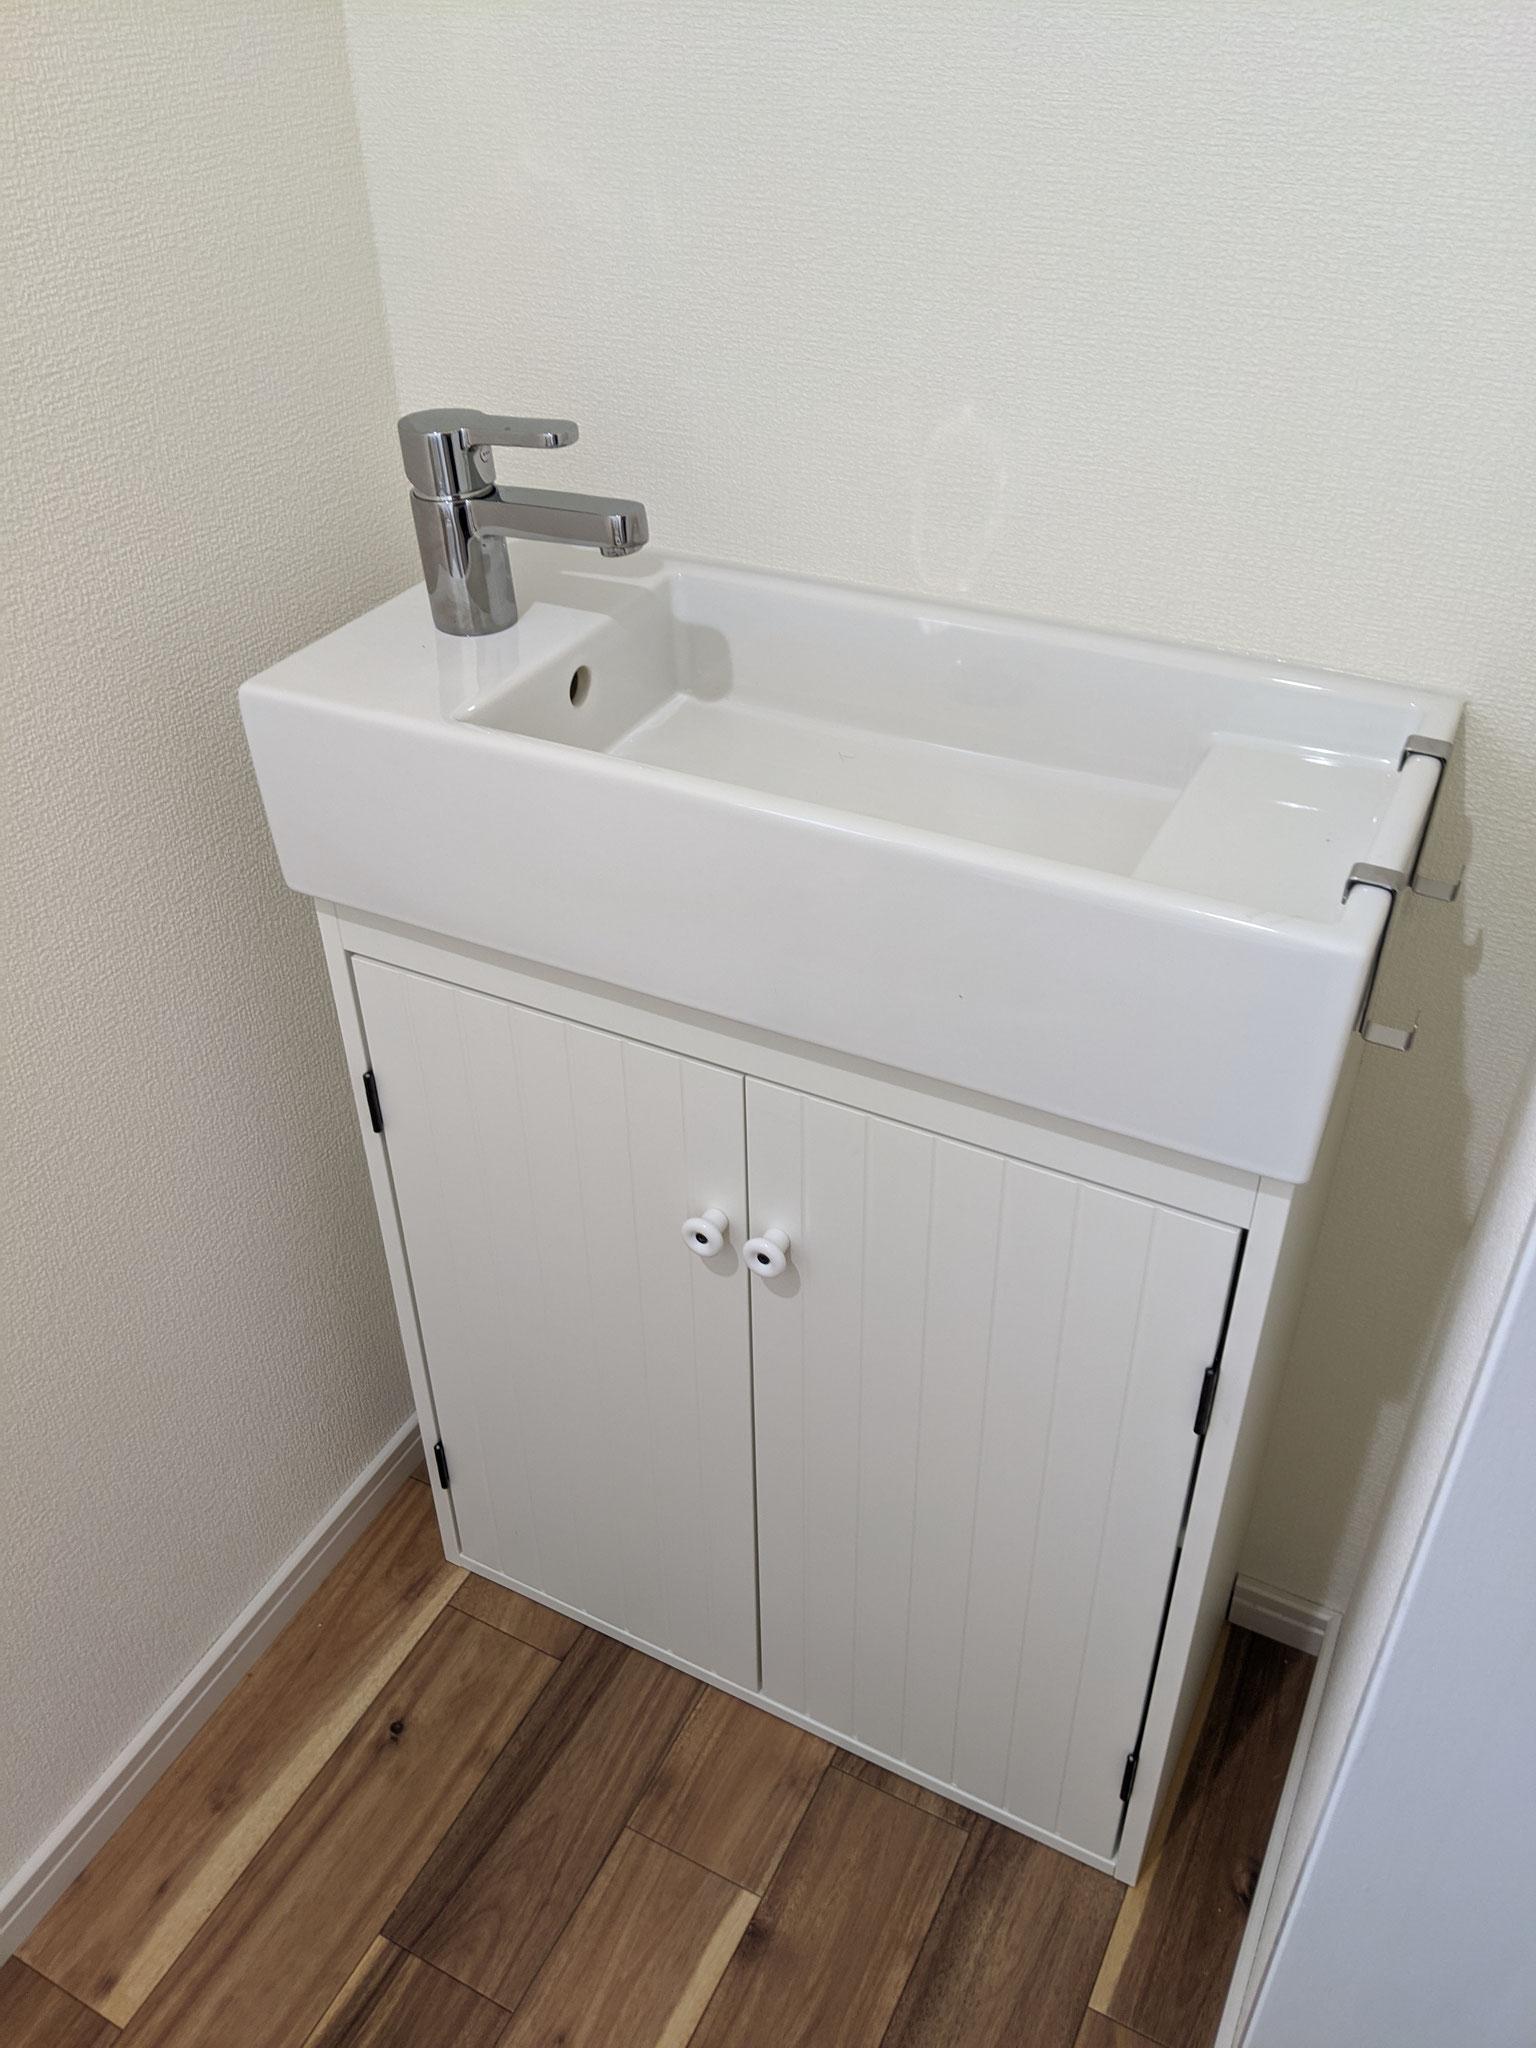 1Fトイレに手洗い設置